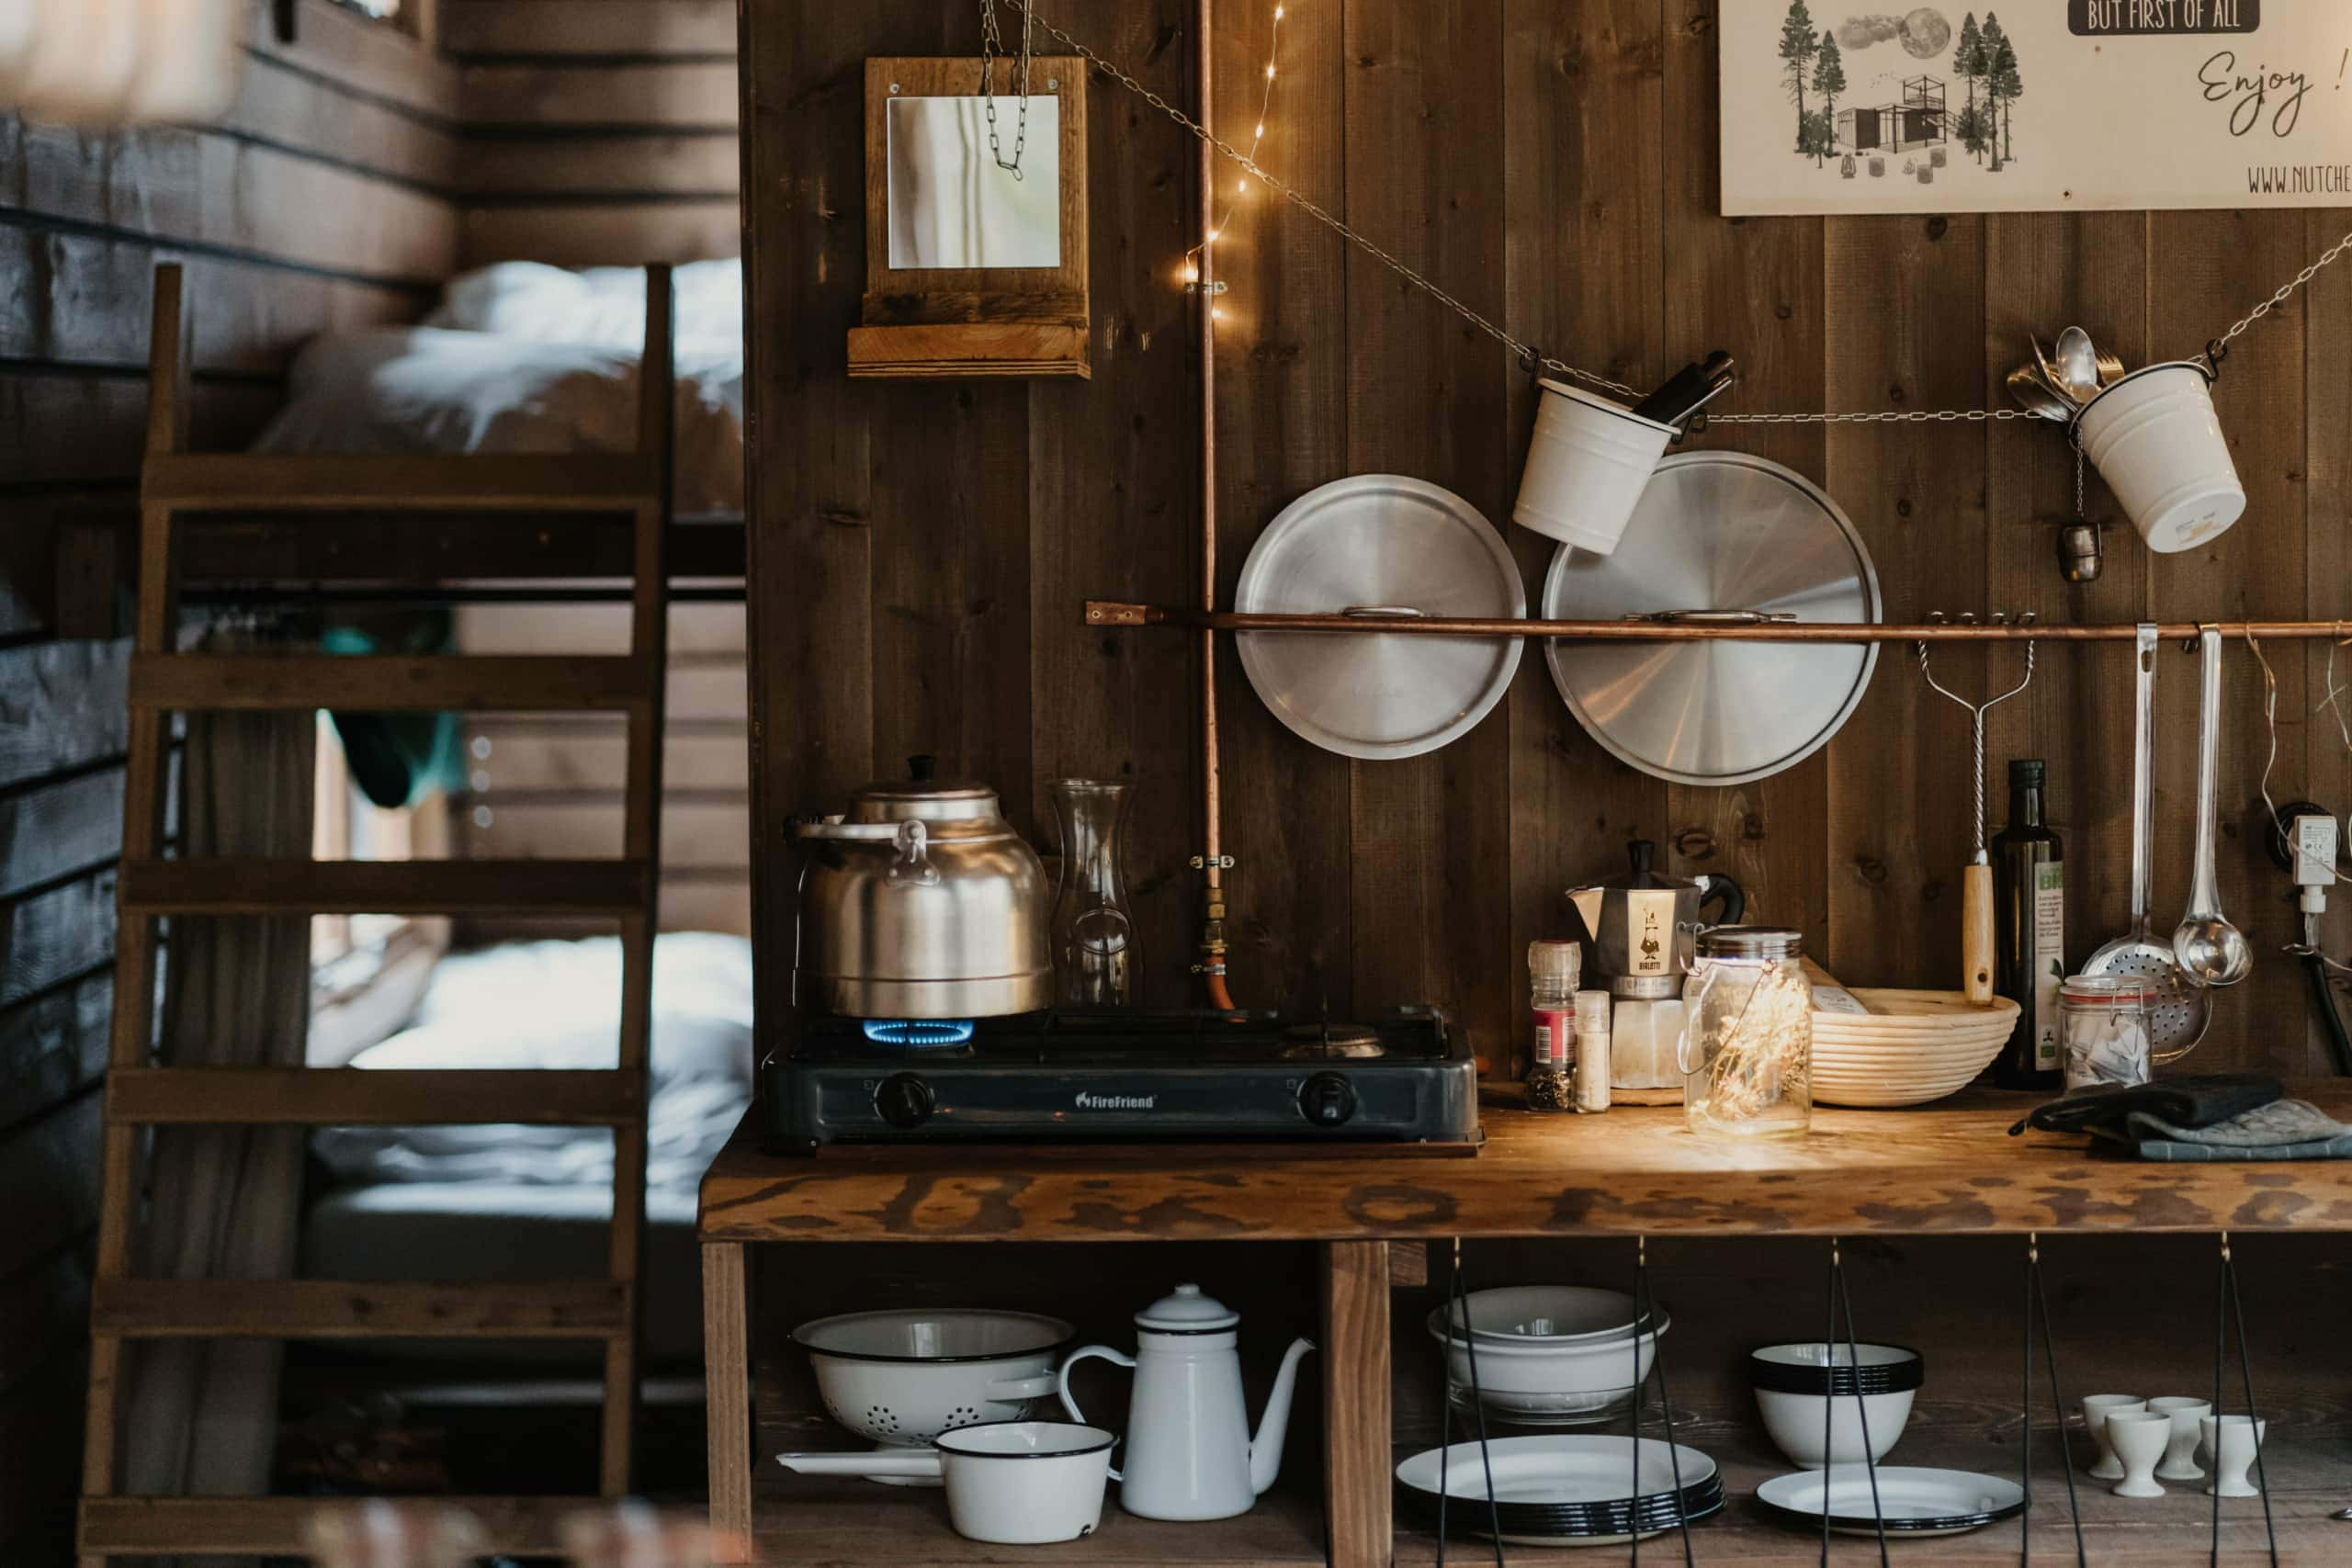 Küche in Cozy Cabin im franzäsischen Elsass, der einen schönen Urlaub in der Natur ermöglicht